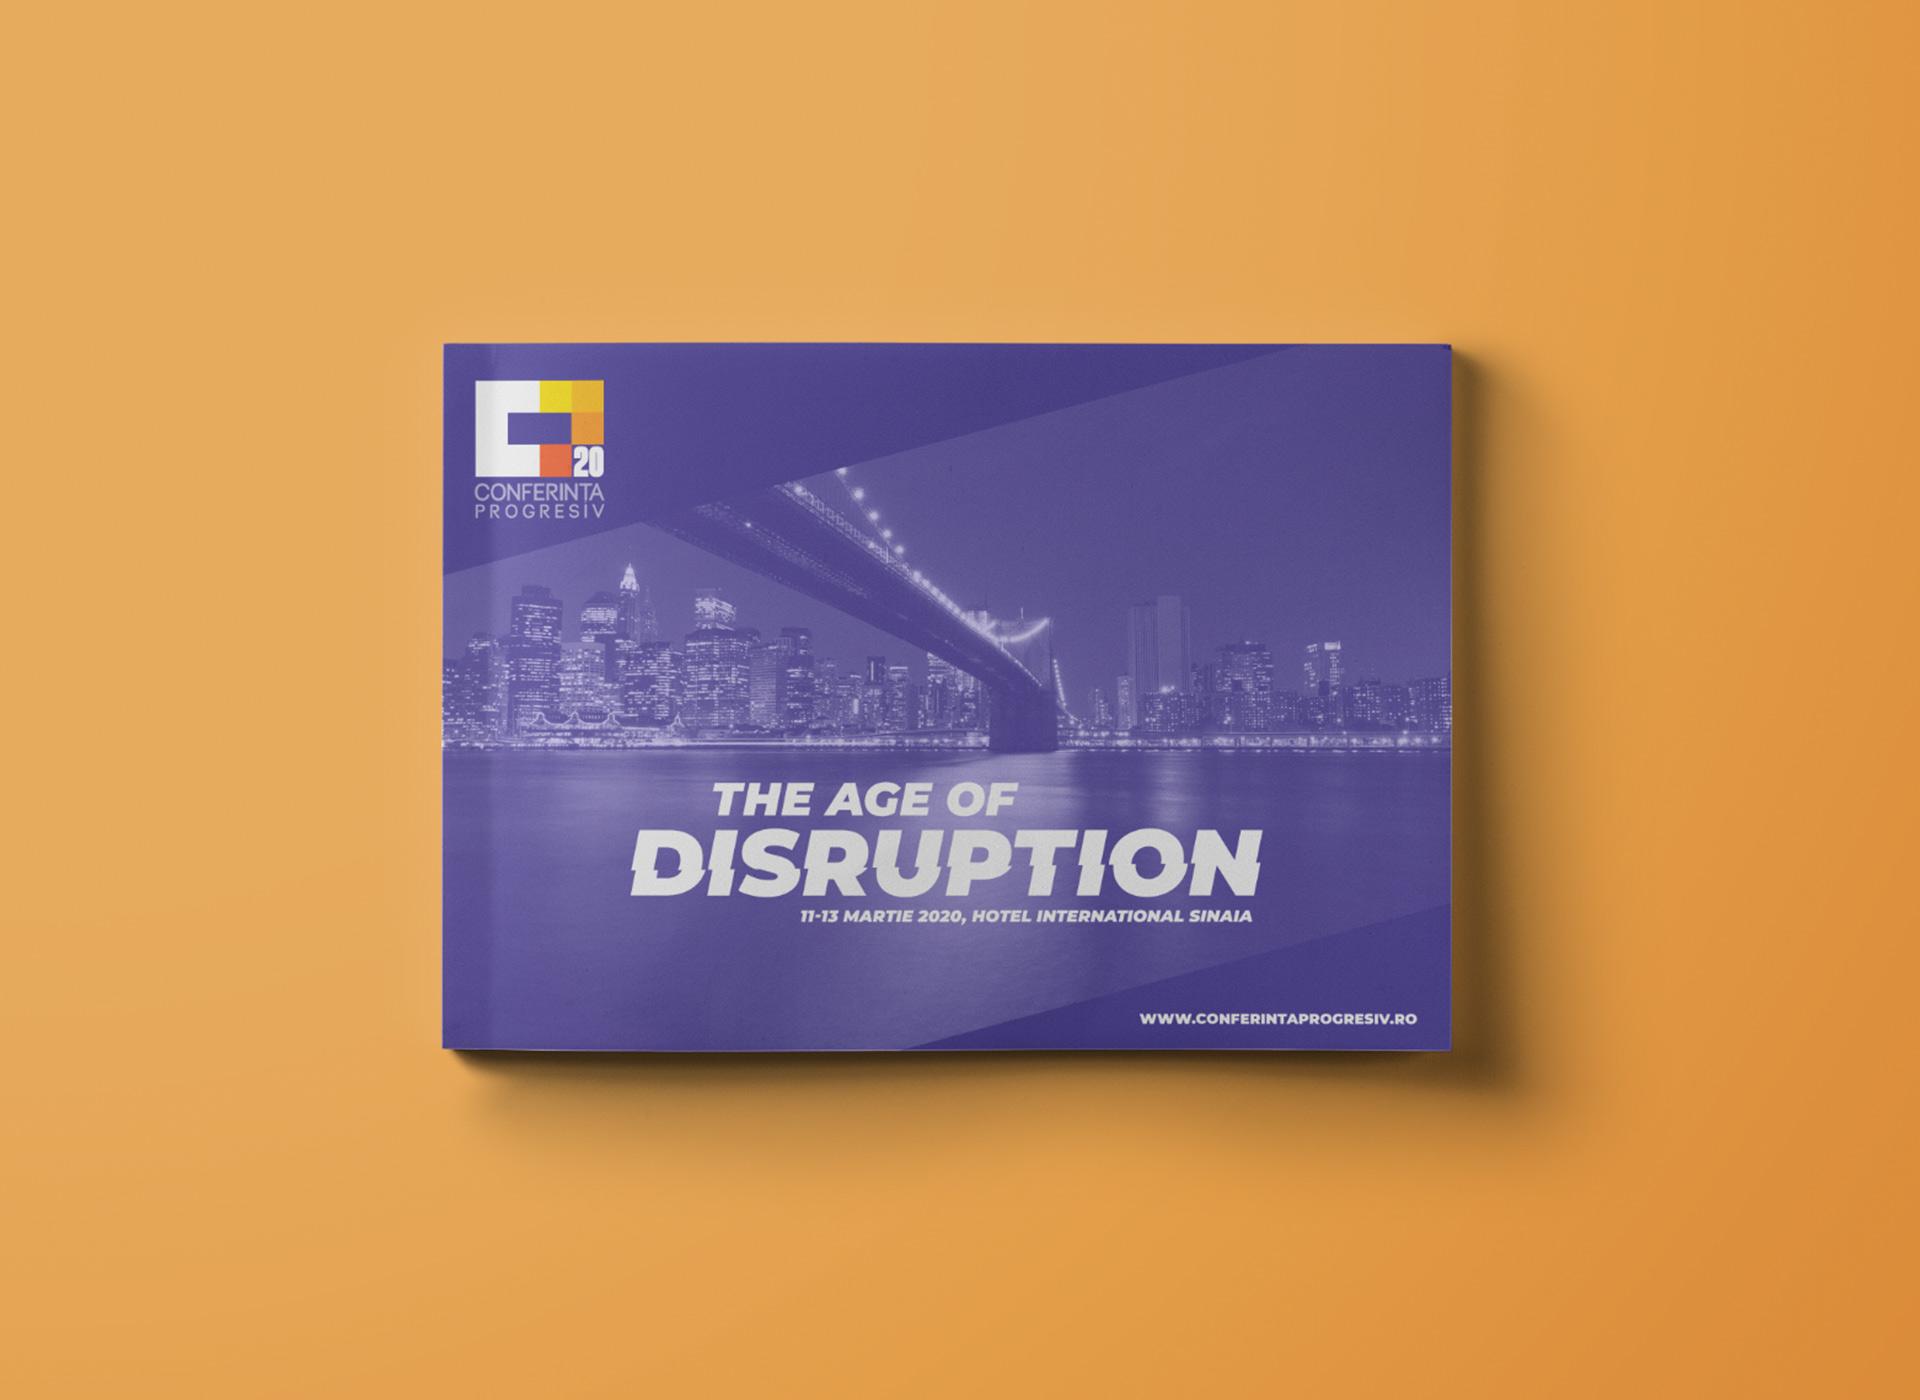 conferinta progresiv portfolio inoveo brochure 2020